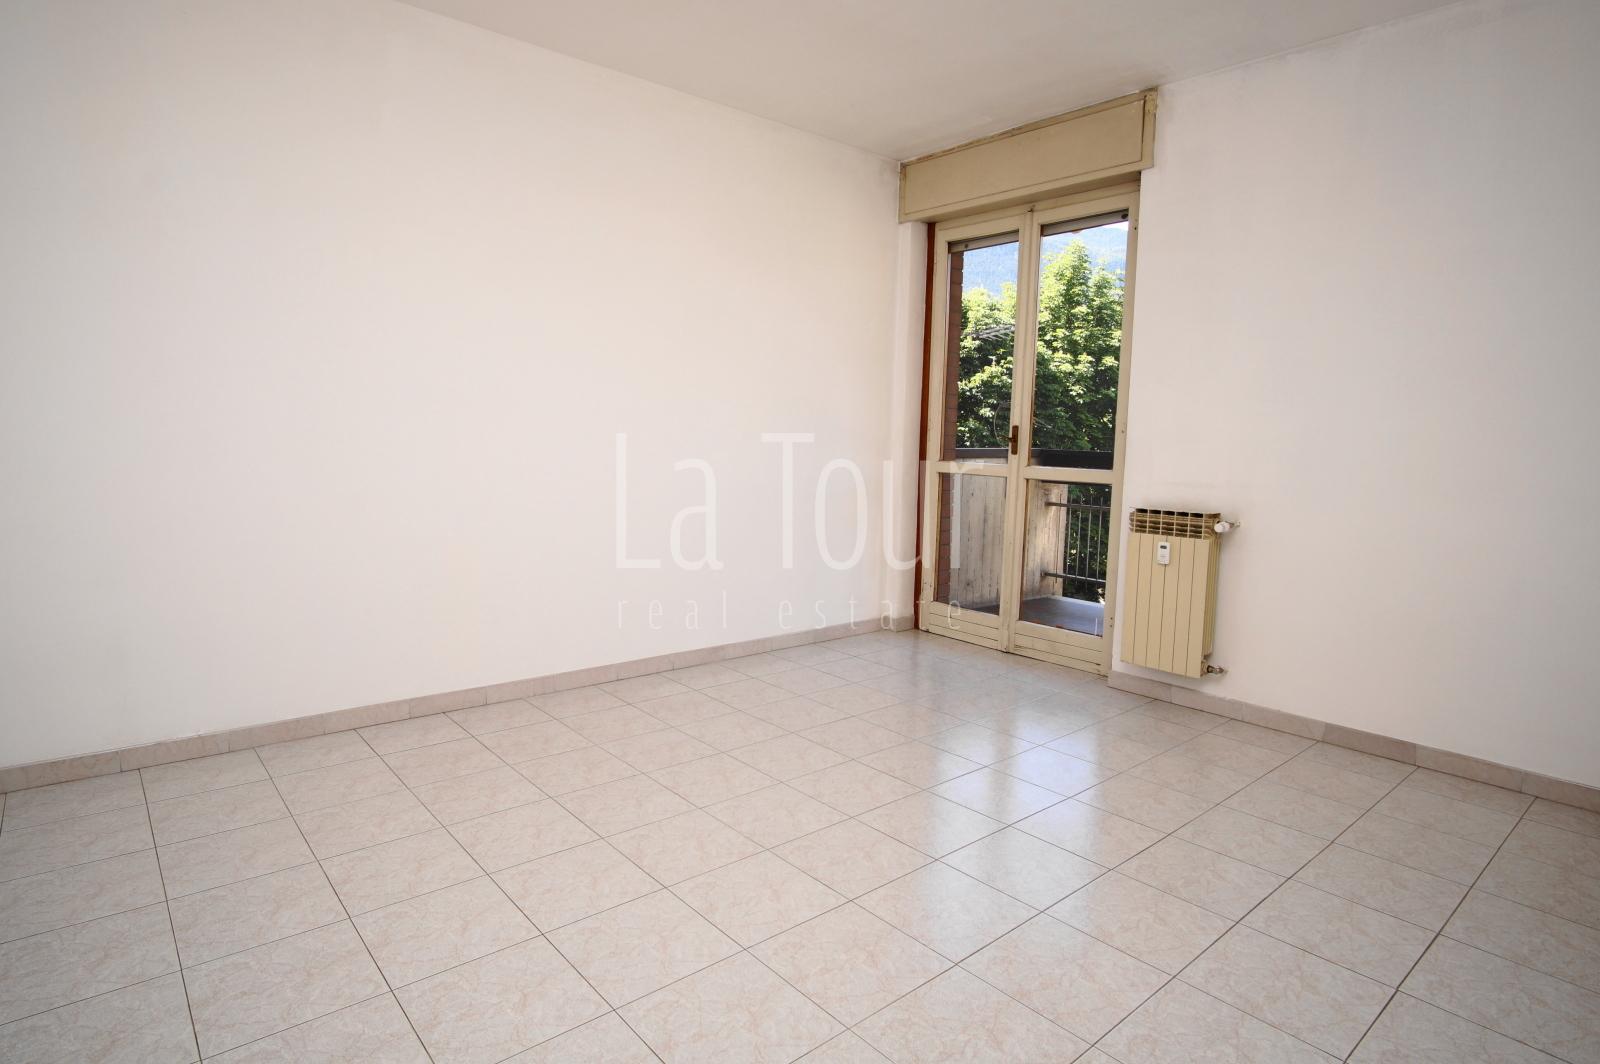 la camera con terrazzino